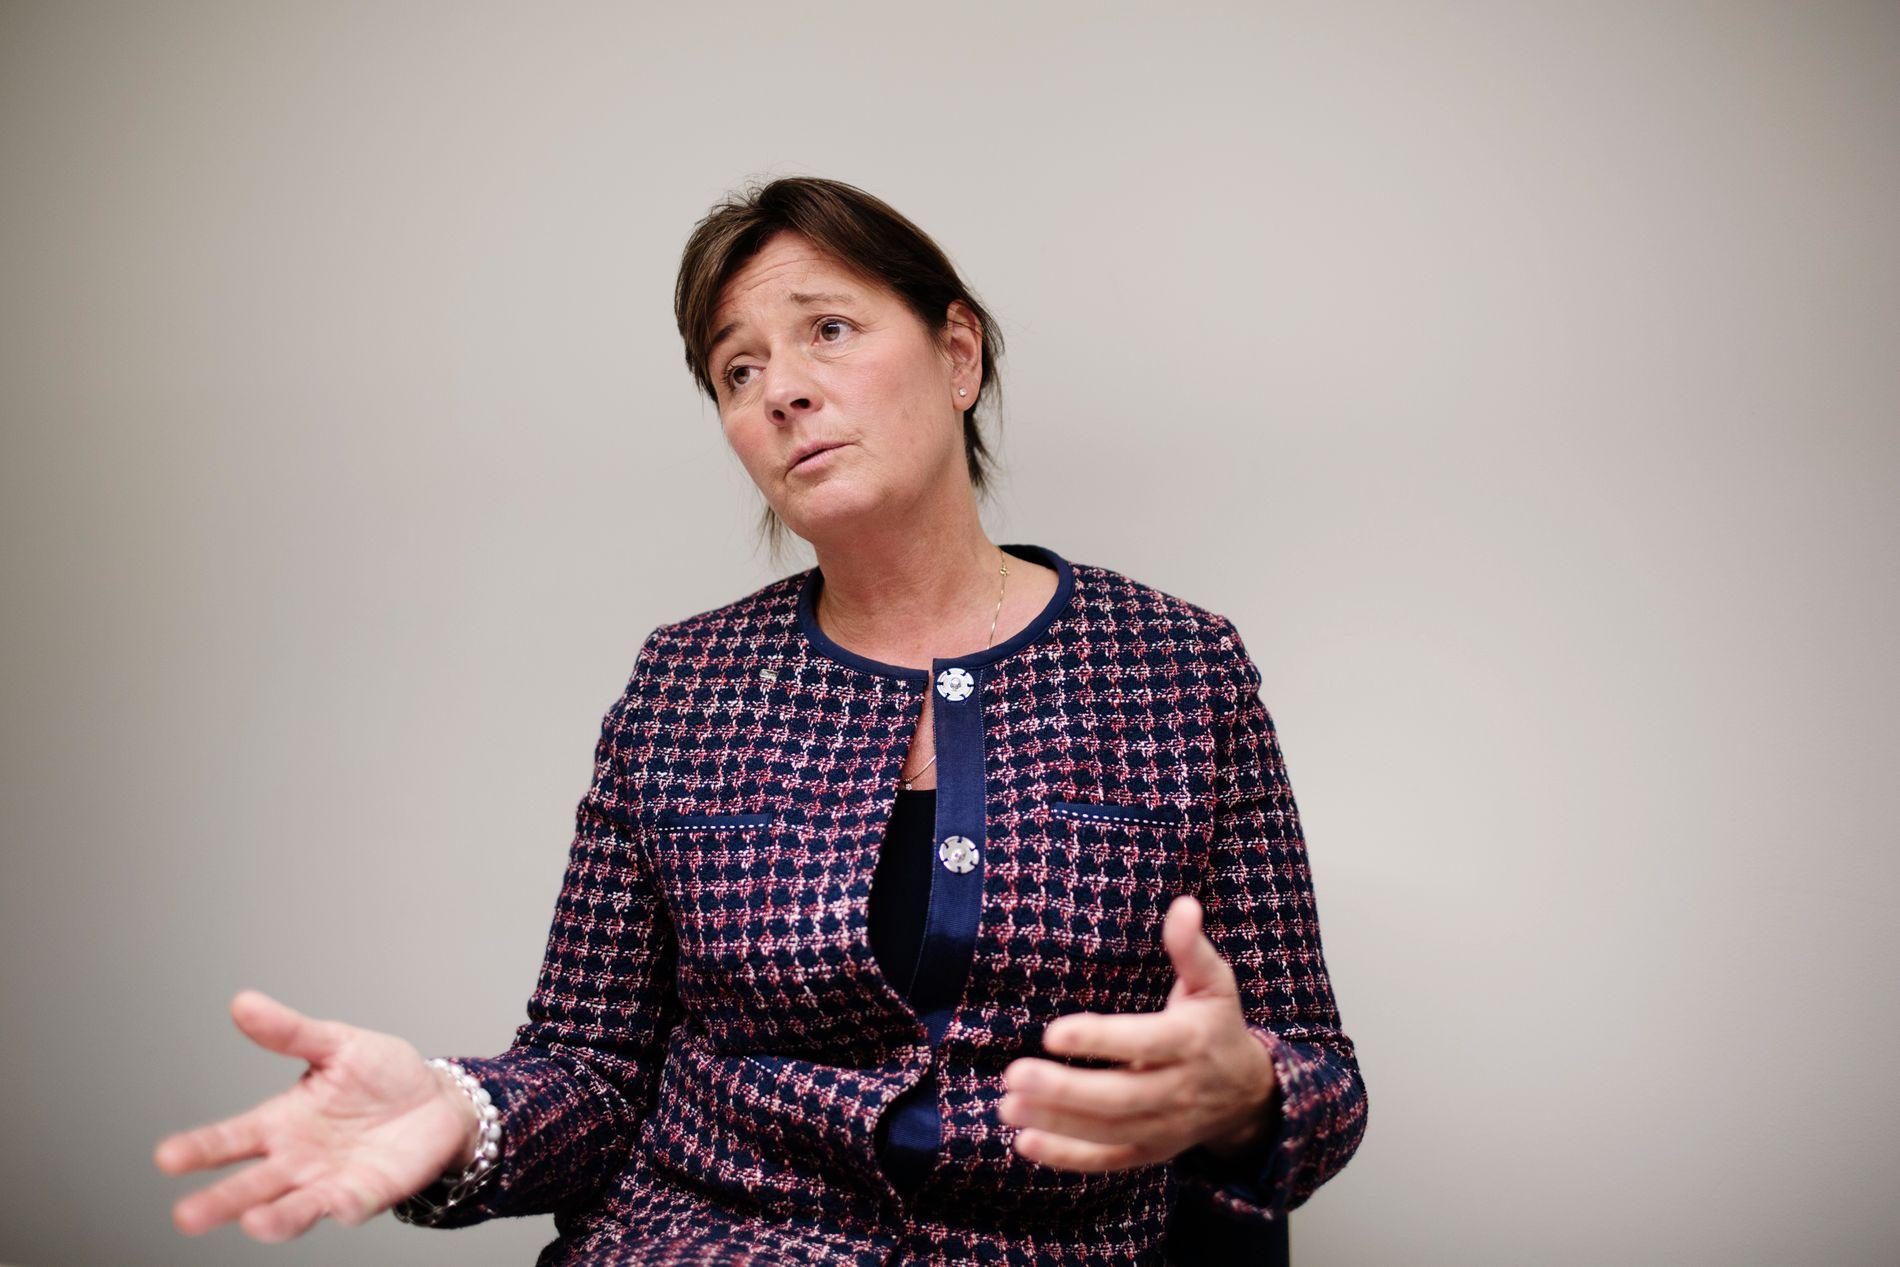 MANGLER PENGER: Cecilie Daae, direktør for Direktoratet for samfunnssikkerhet og beredskap, har ikke råd til å gjennomføre hovedanbefalingene fra Forsvarets forskningsinstitutt.